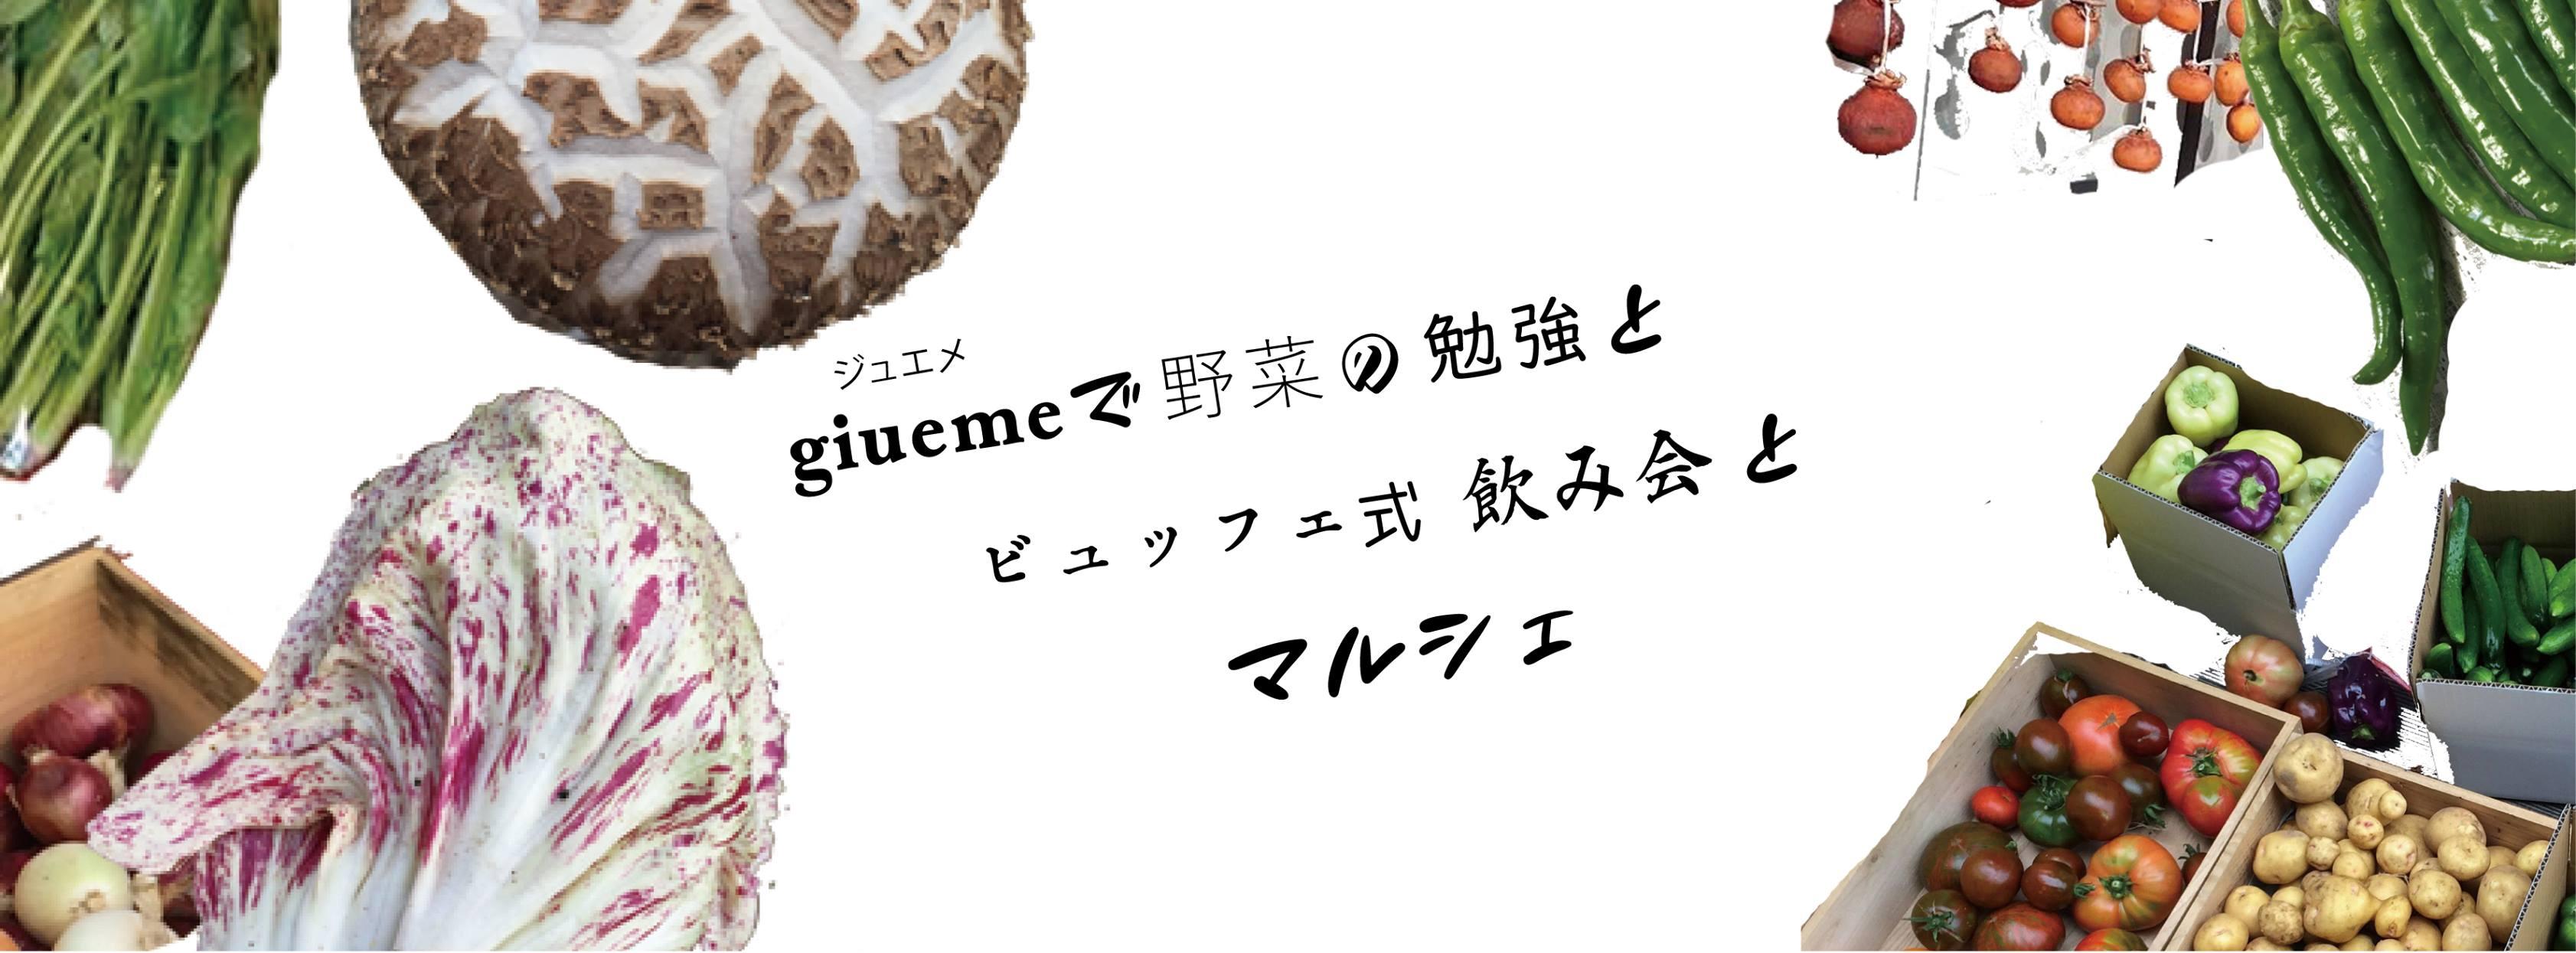 3月26日(火)おいしいイタリアンのビュッフェ(お酒付き)ジュエメに食べにいきませんか?